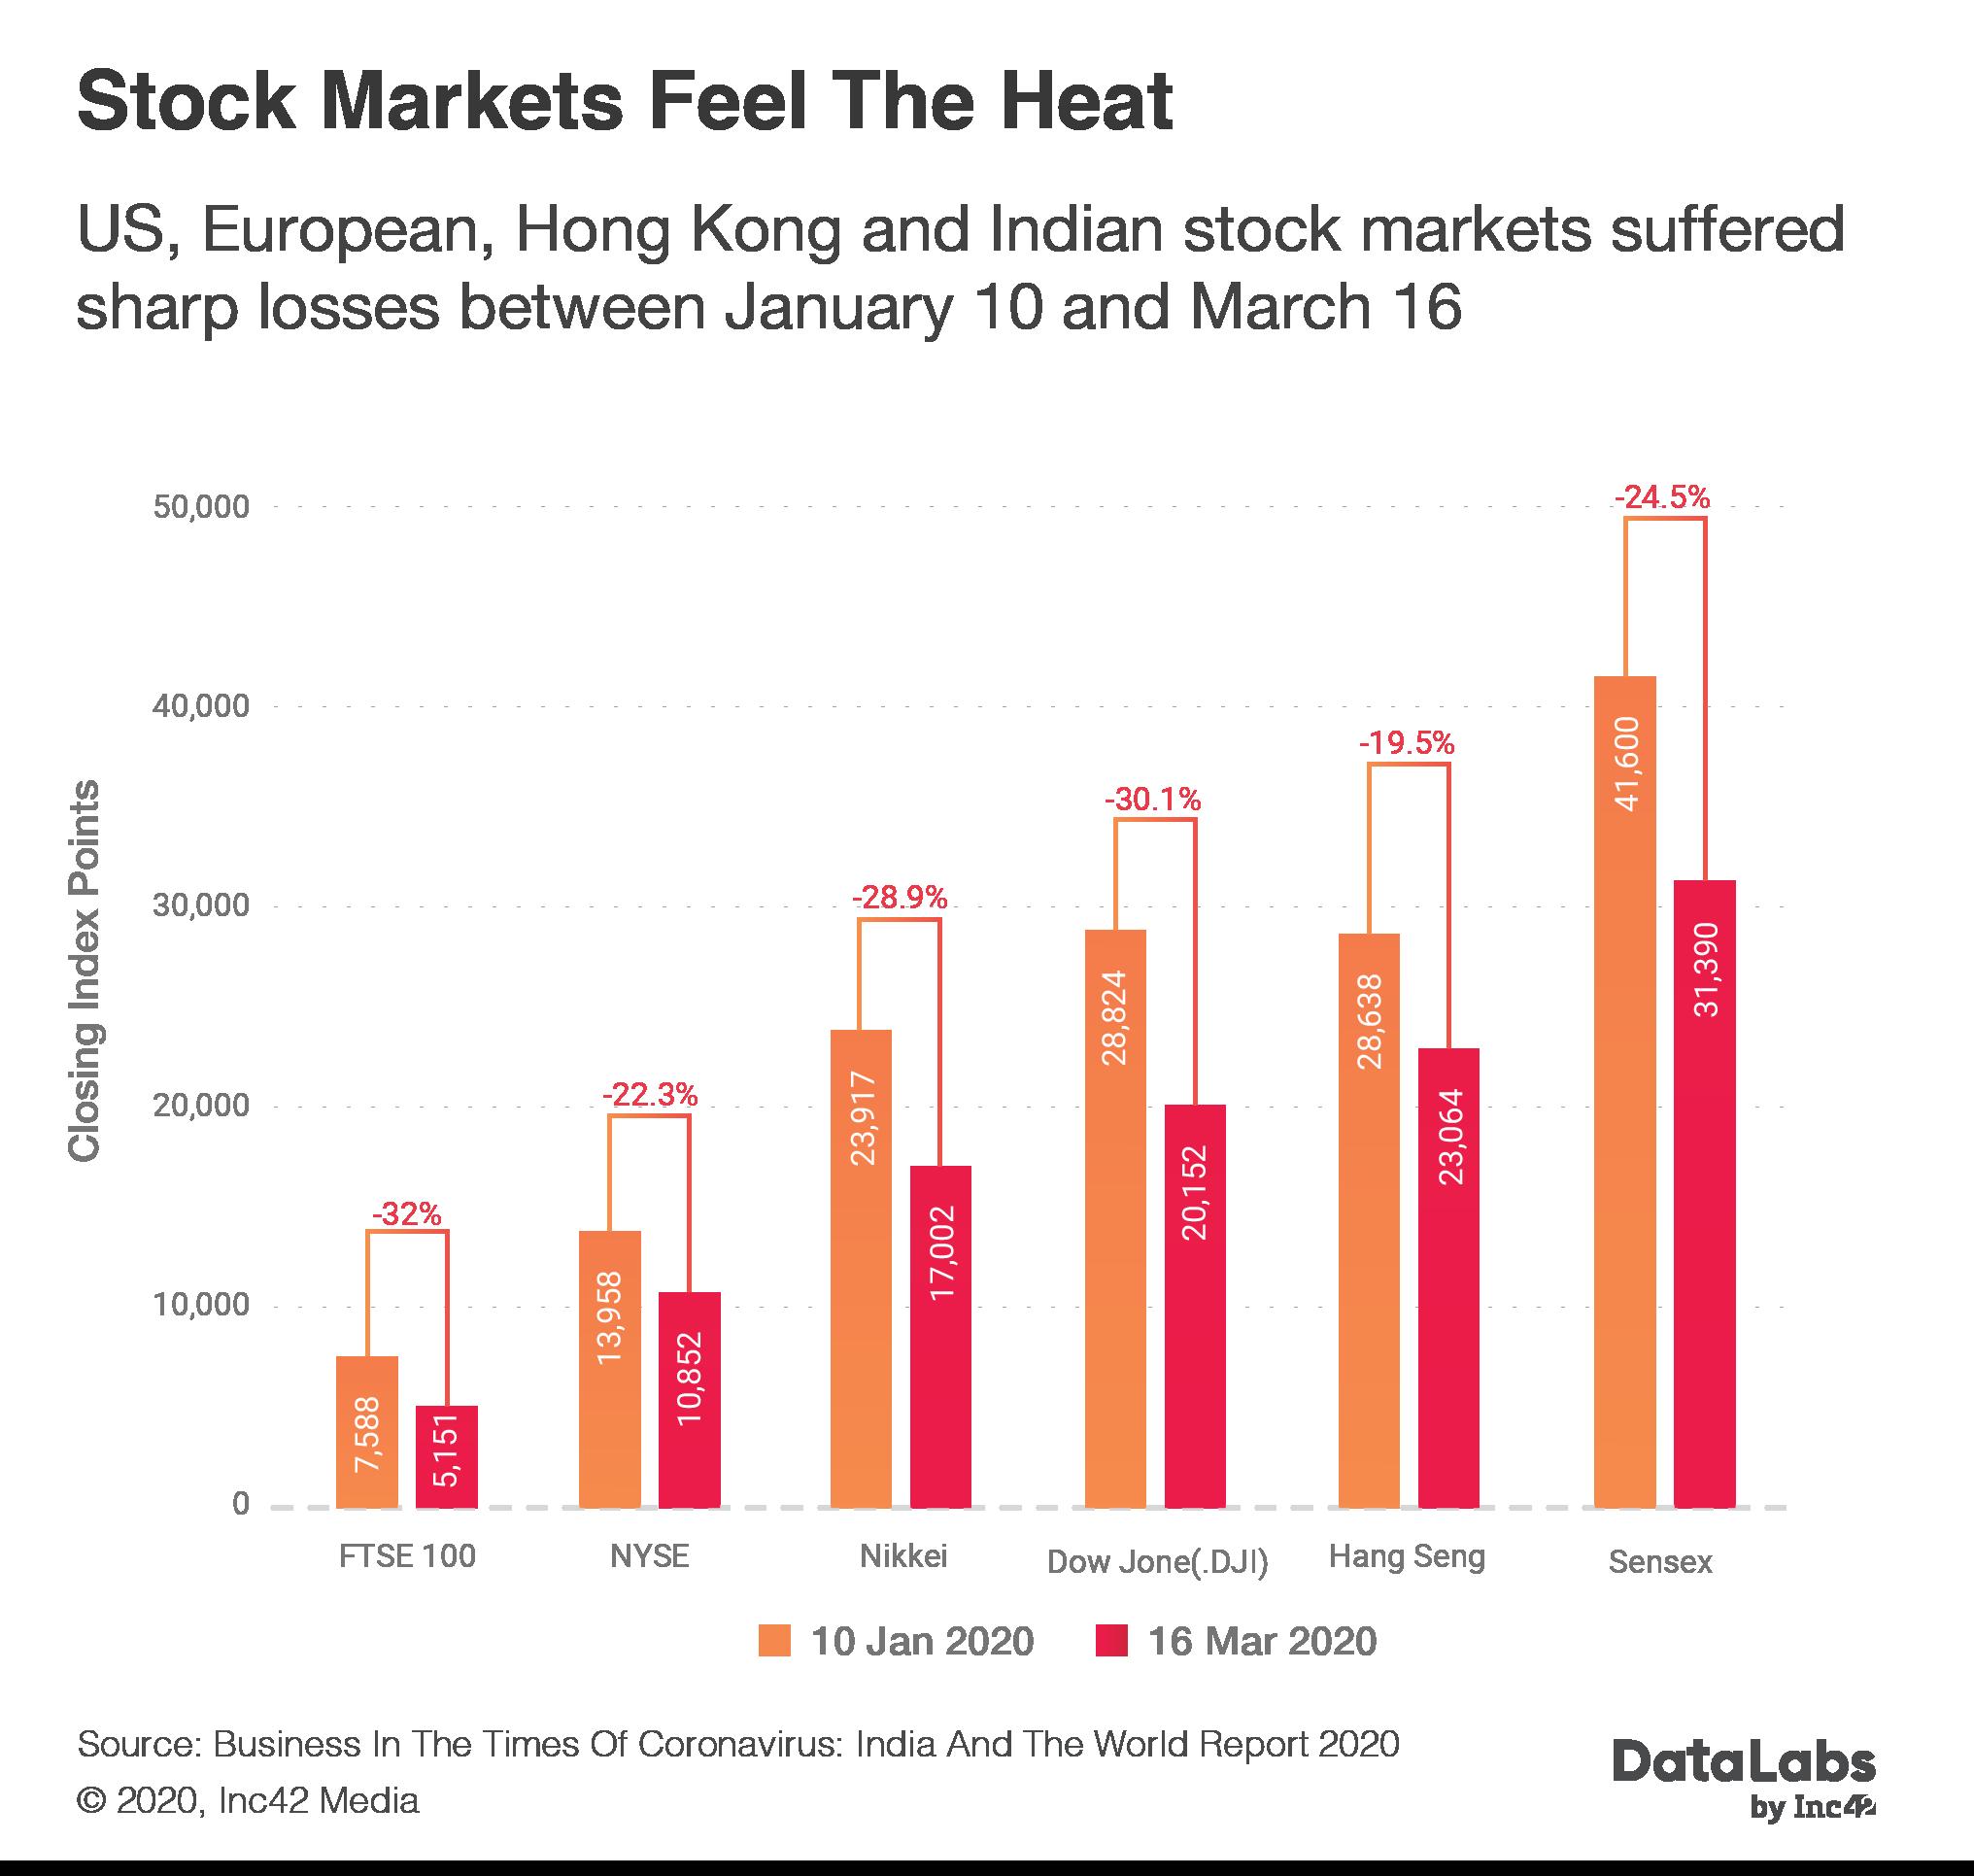 Impact of coronavirus on stock market in India